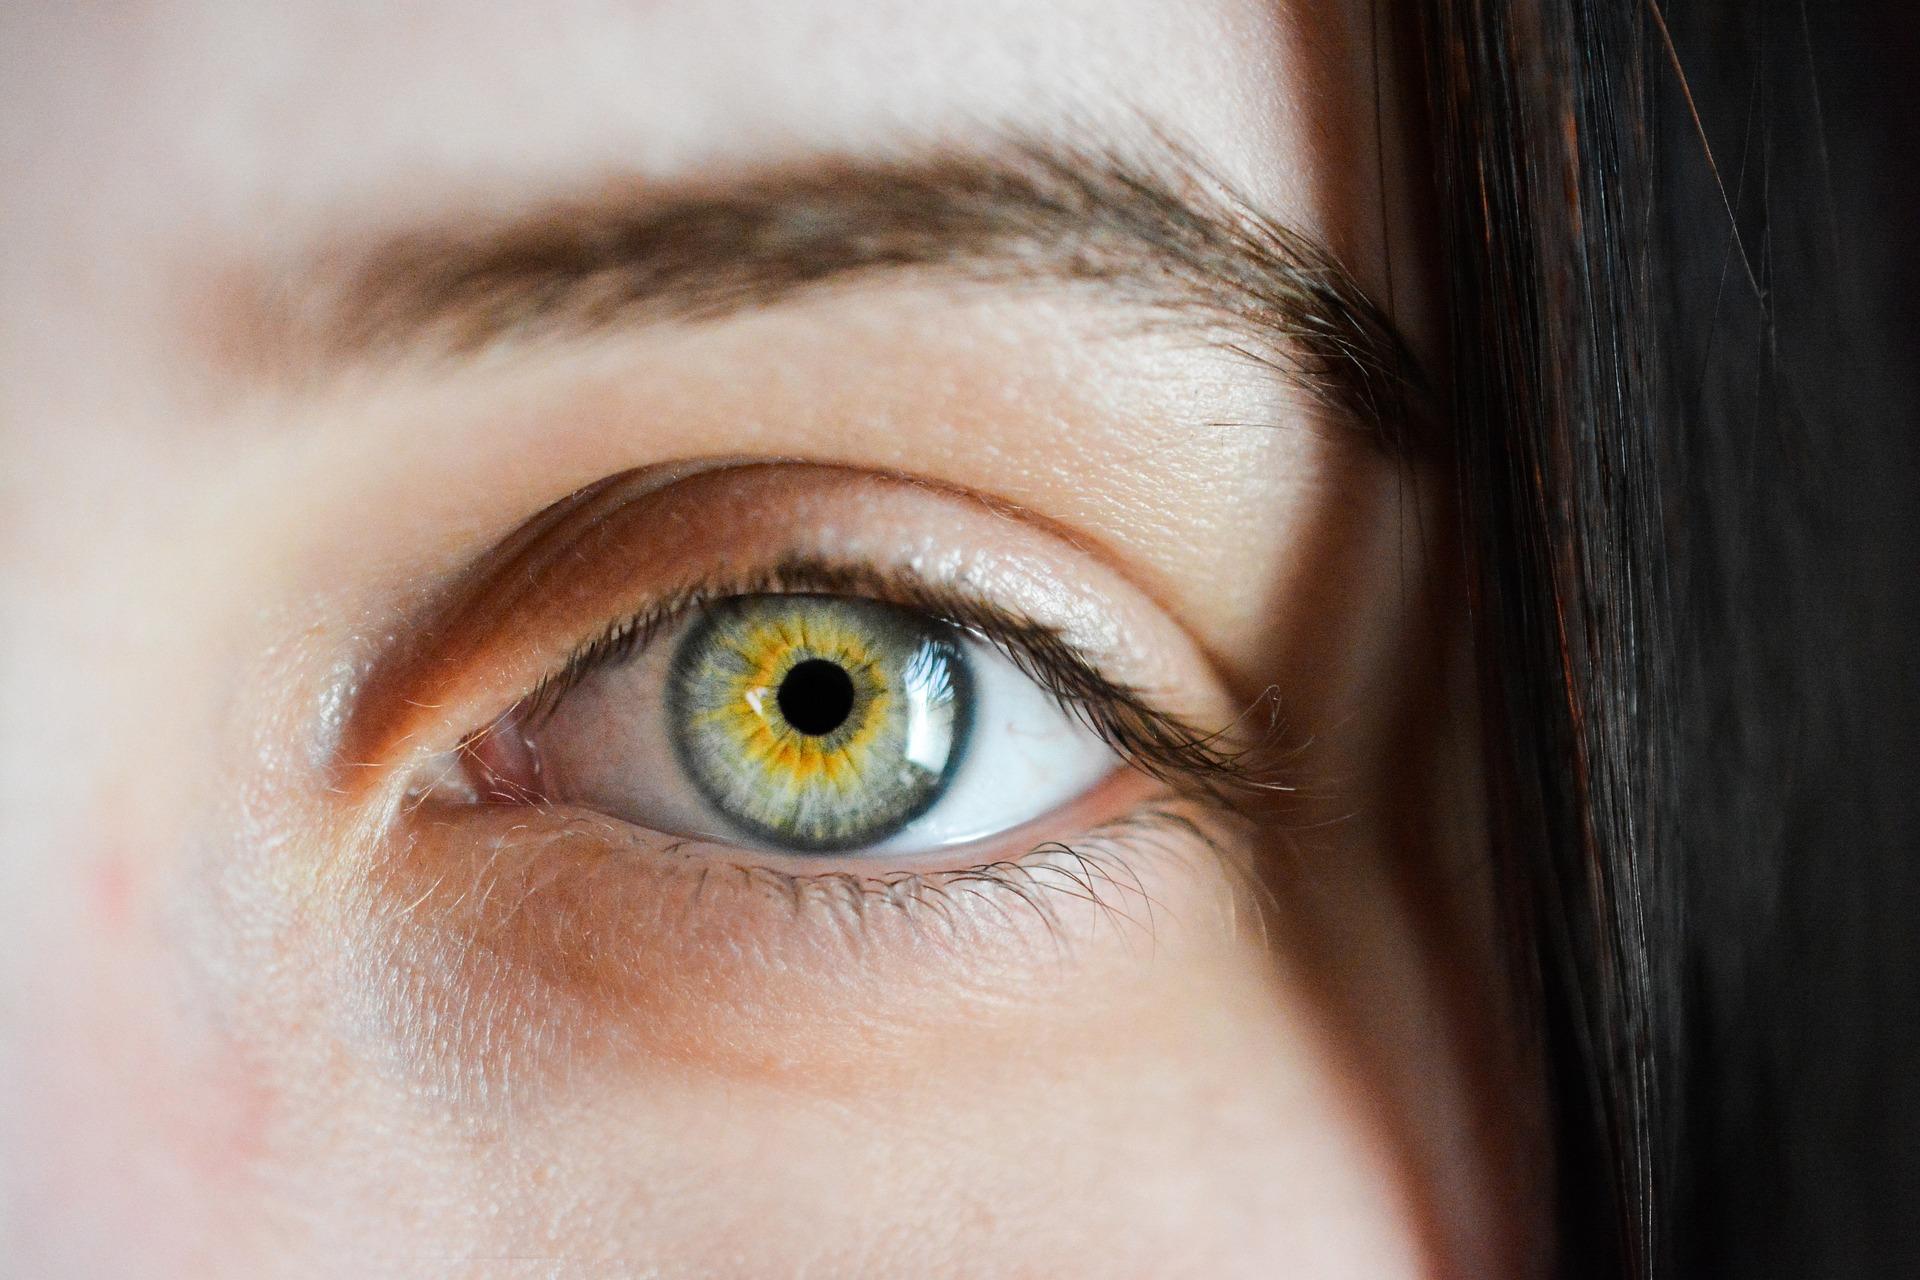 eye-2340806_1920.jpg